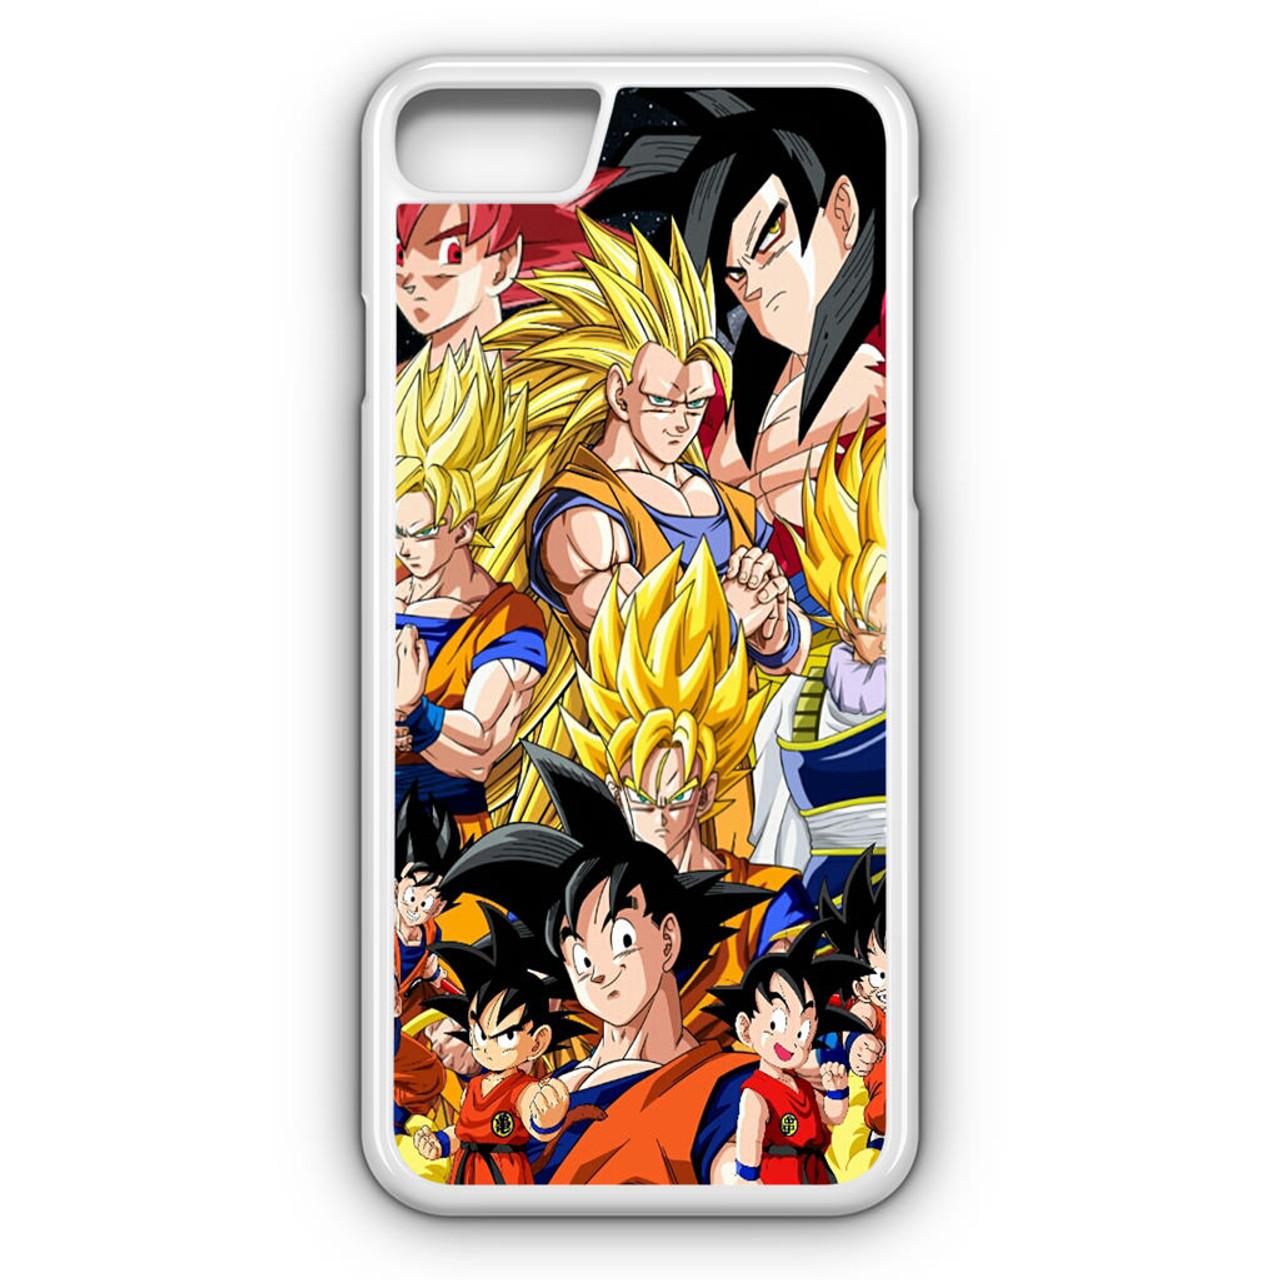 DRAGON BALL Z GOKU 2 2 iphone case